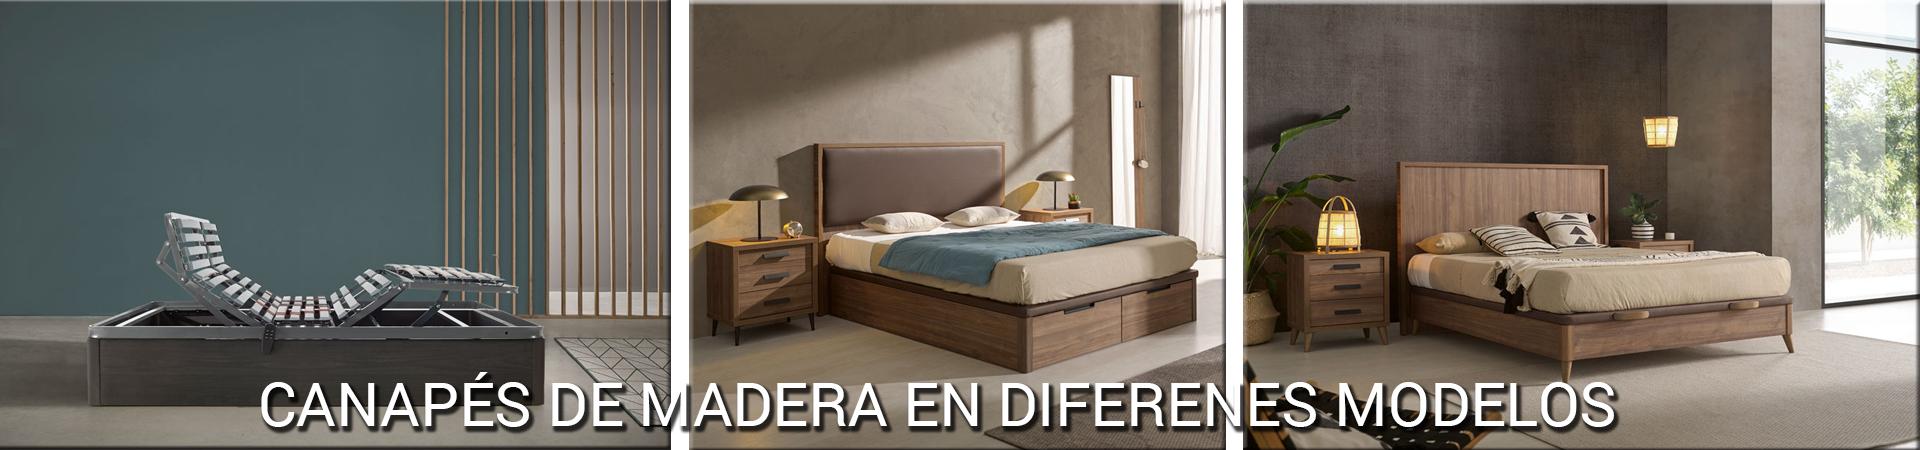 su mueble muebles en dos